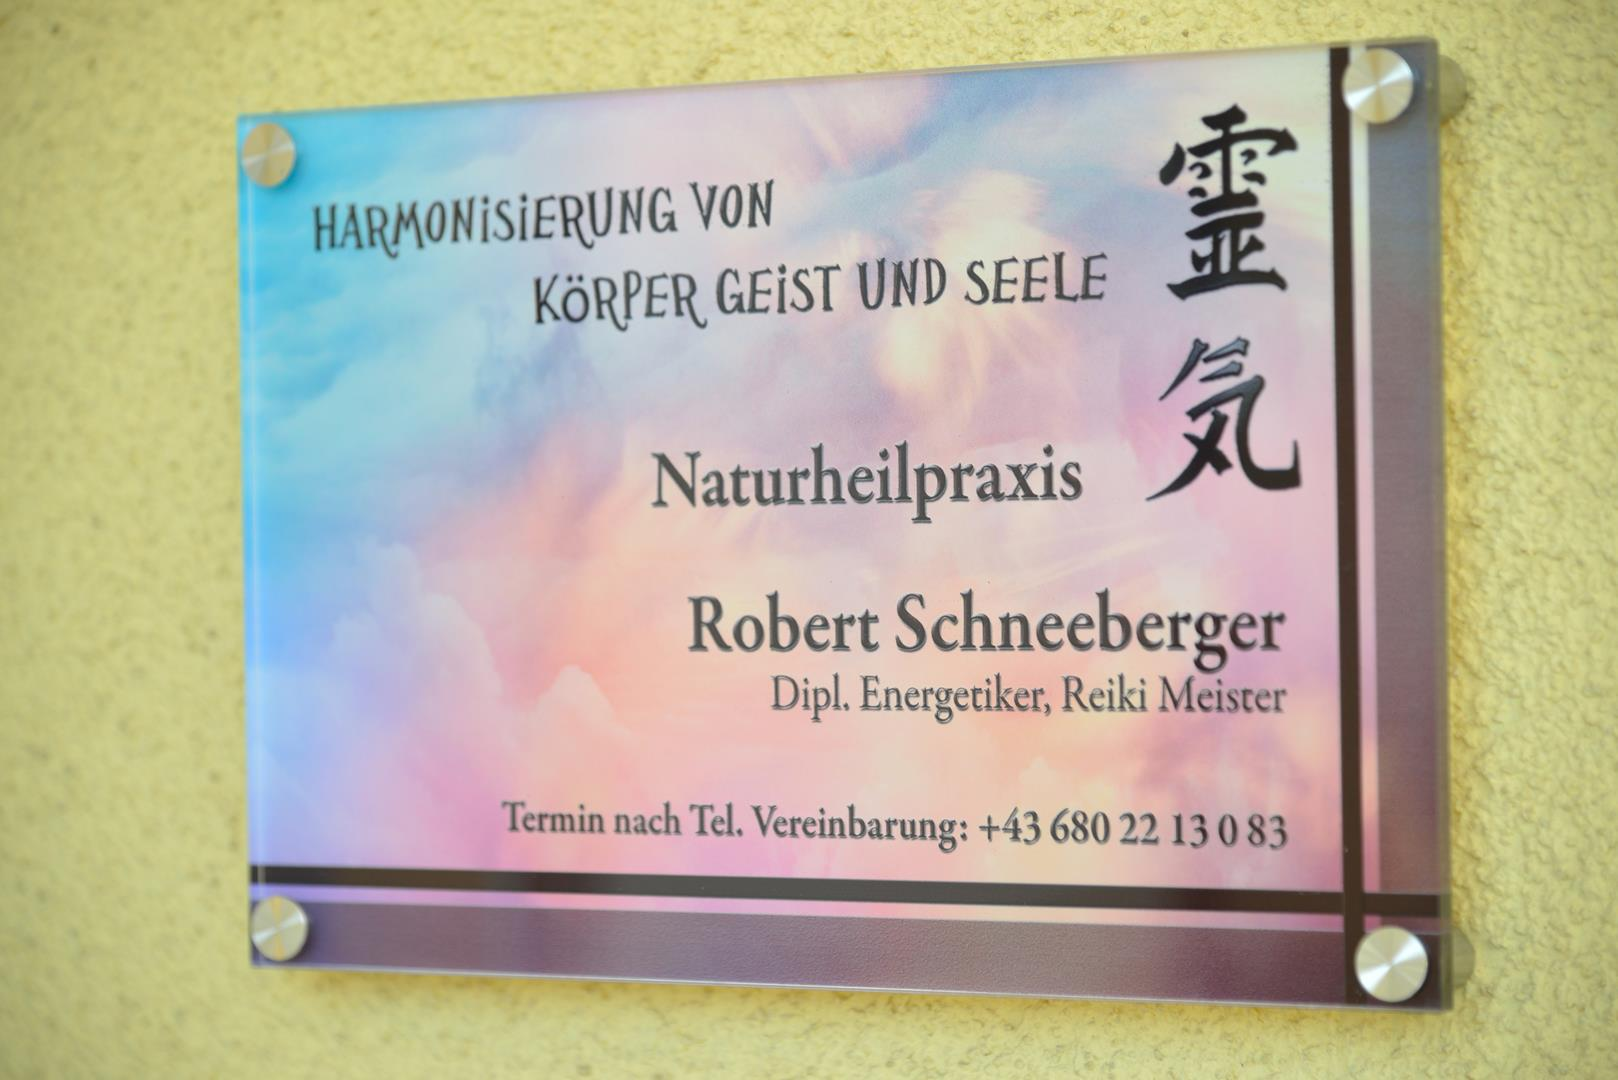 PRAXIS_Robert_Schneeberger_1 (2)